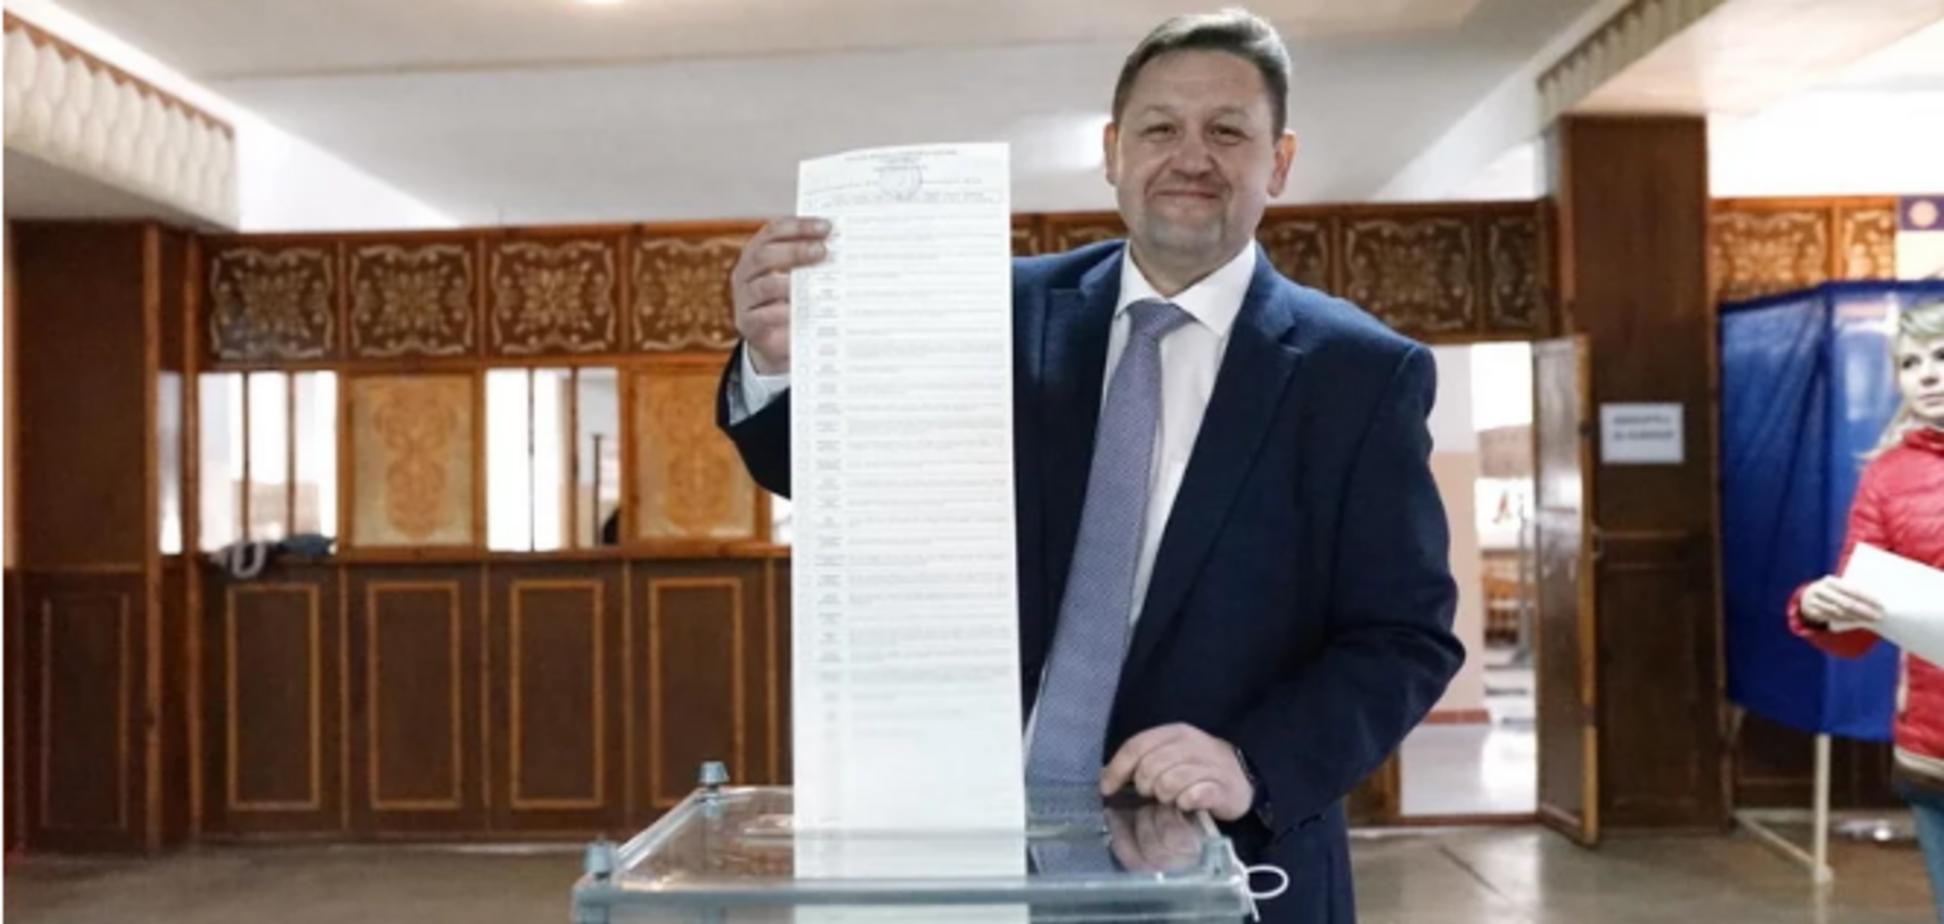 Вибори президента України: топ-чиновники попалися на порушенні закону